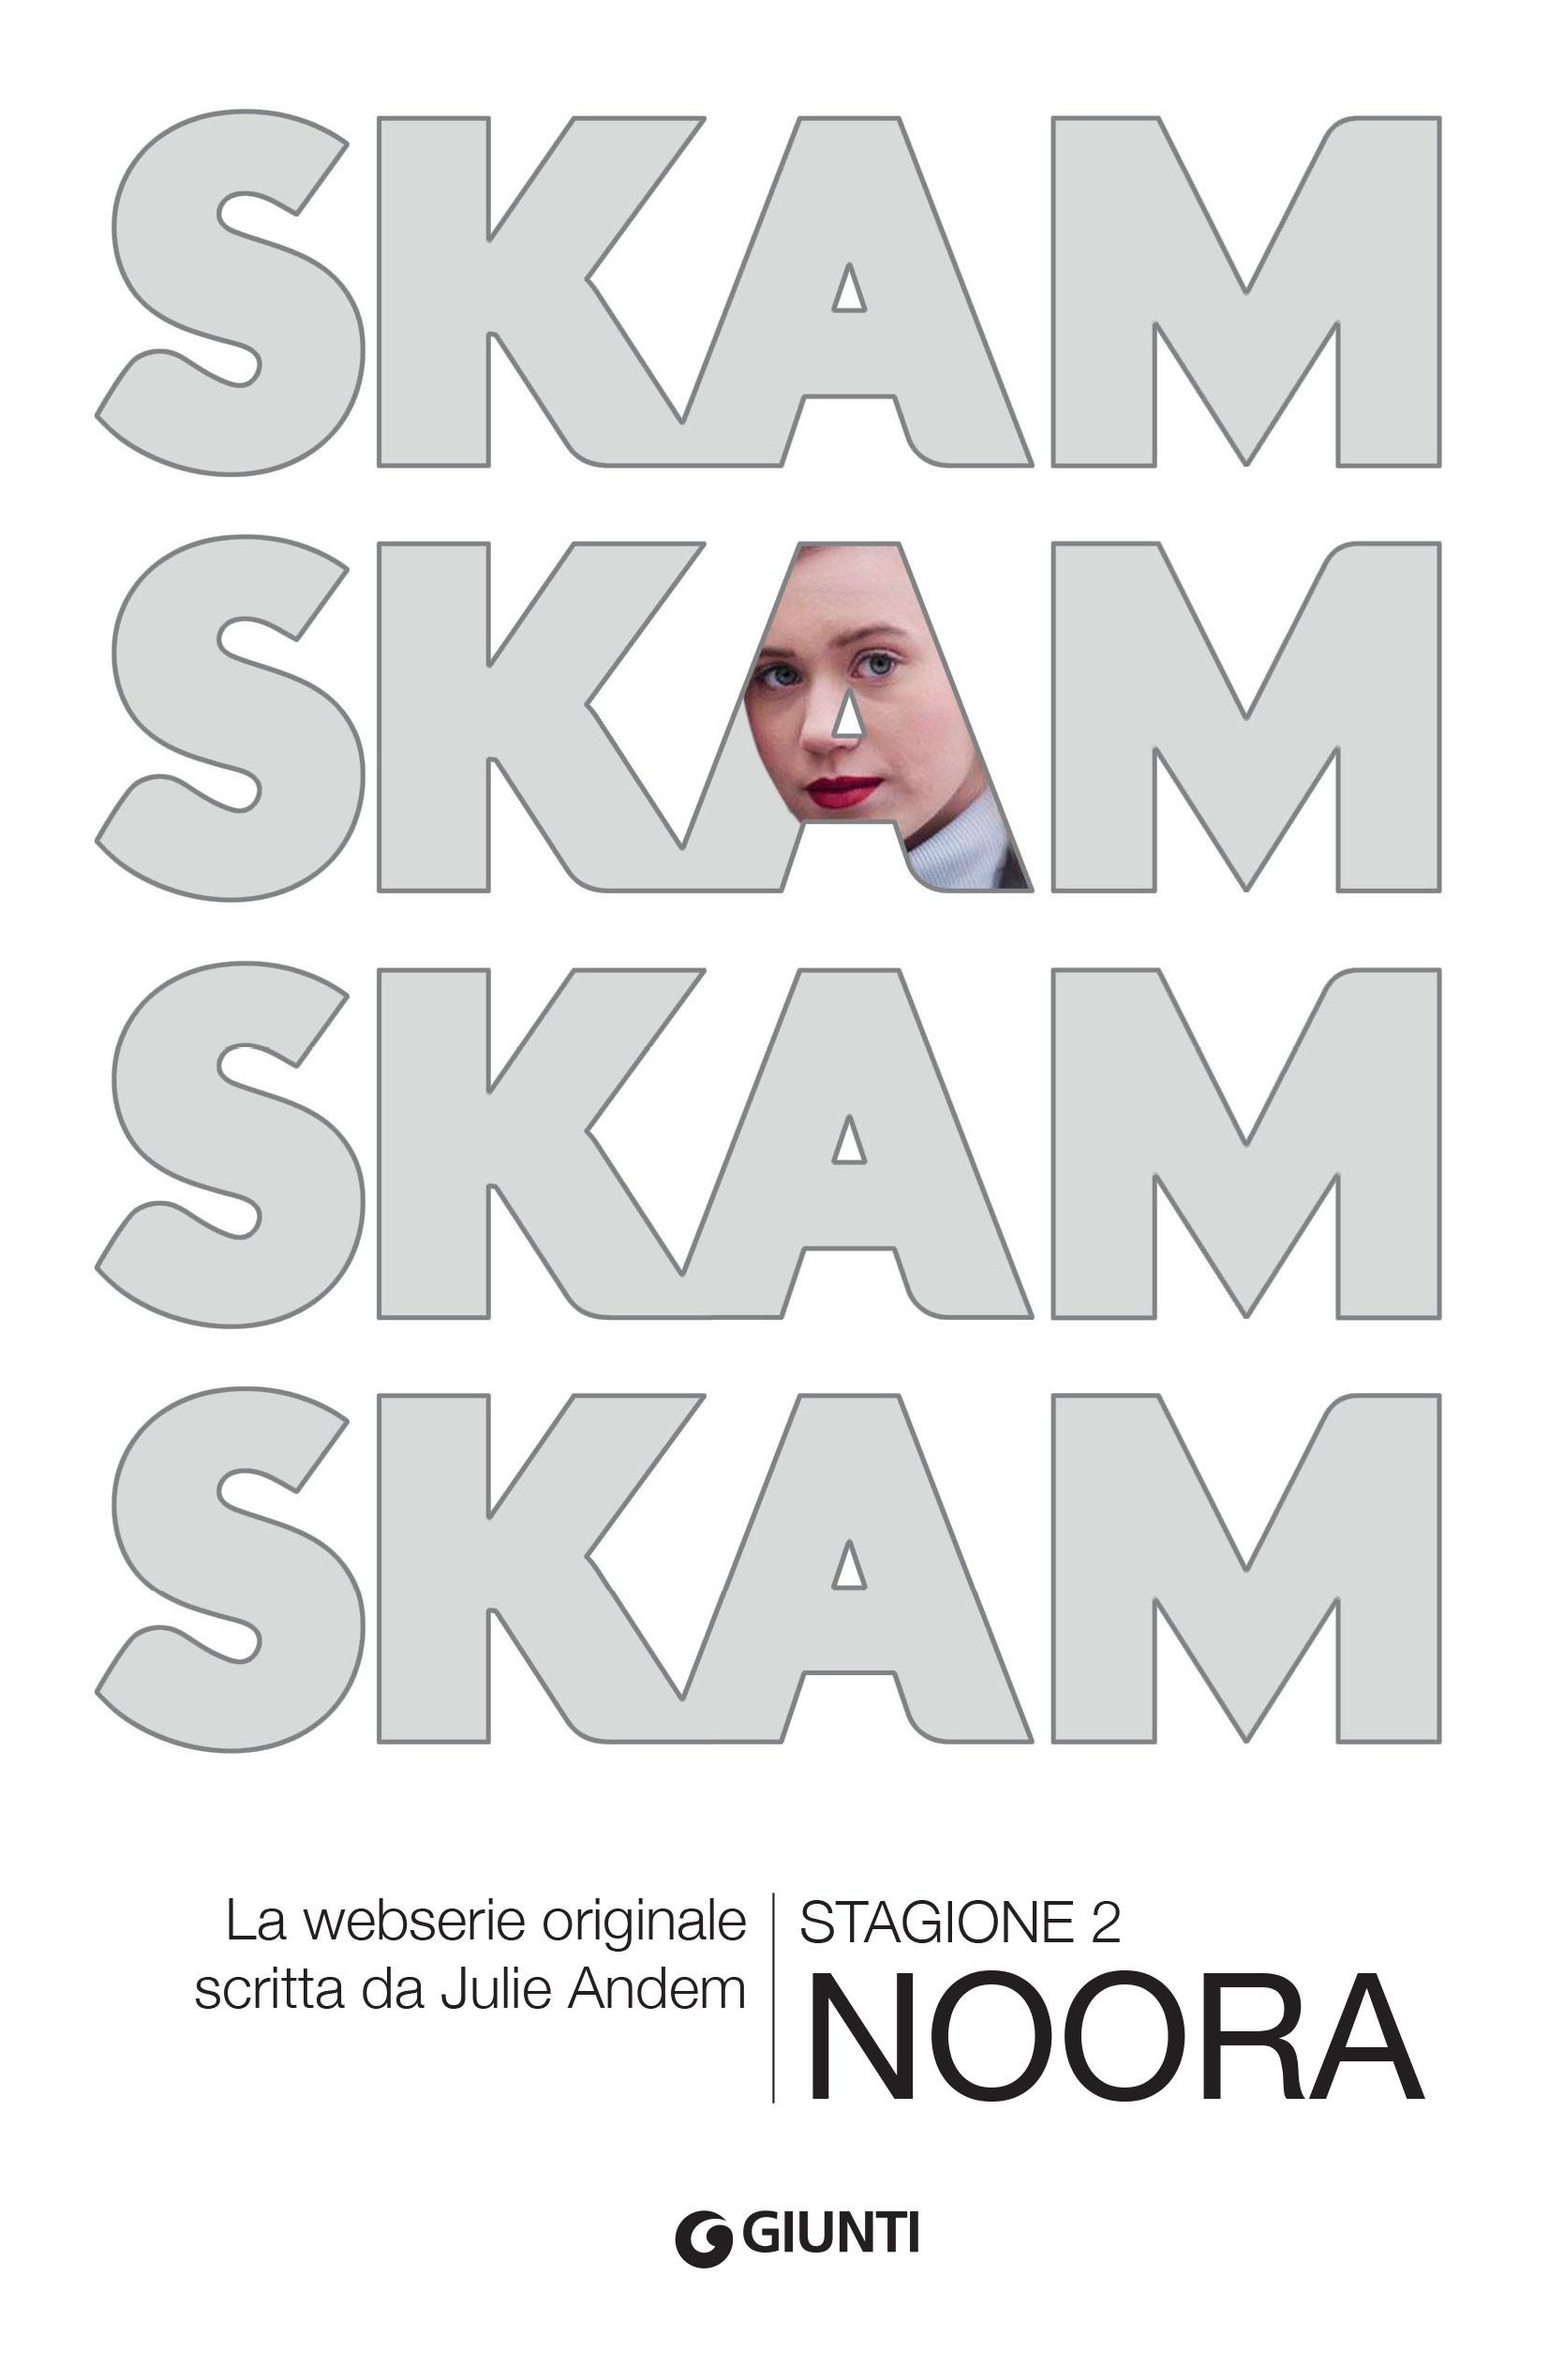 SKAM Stagione 2 NOORA